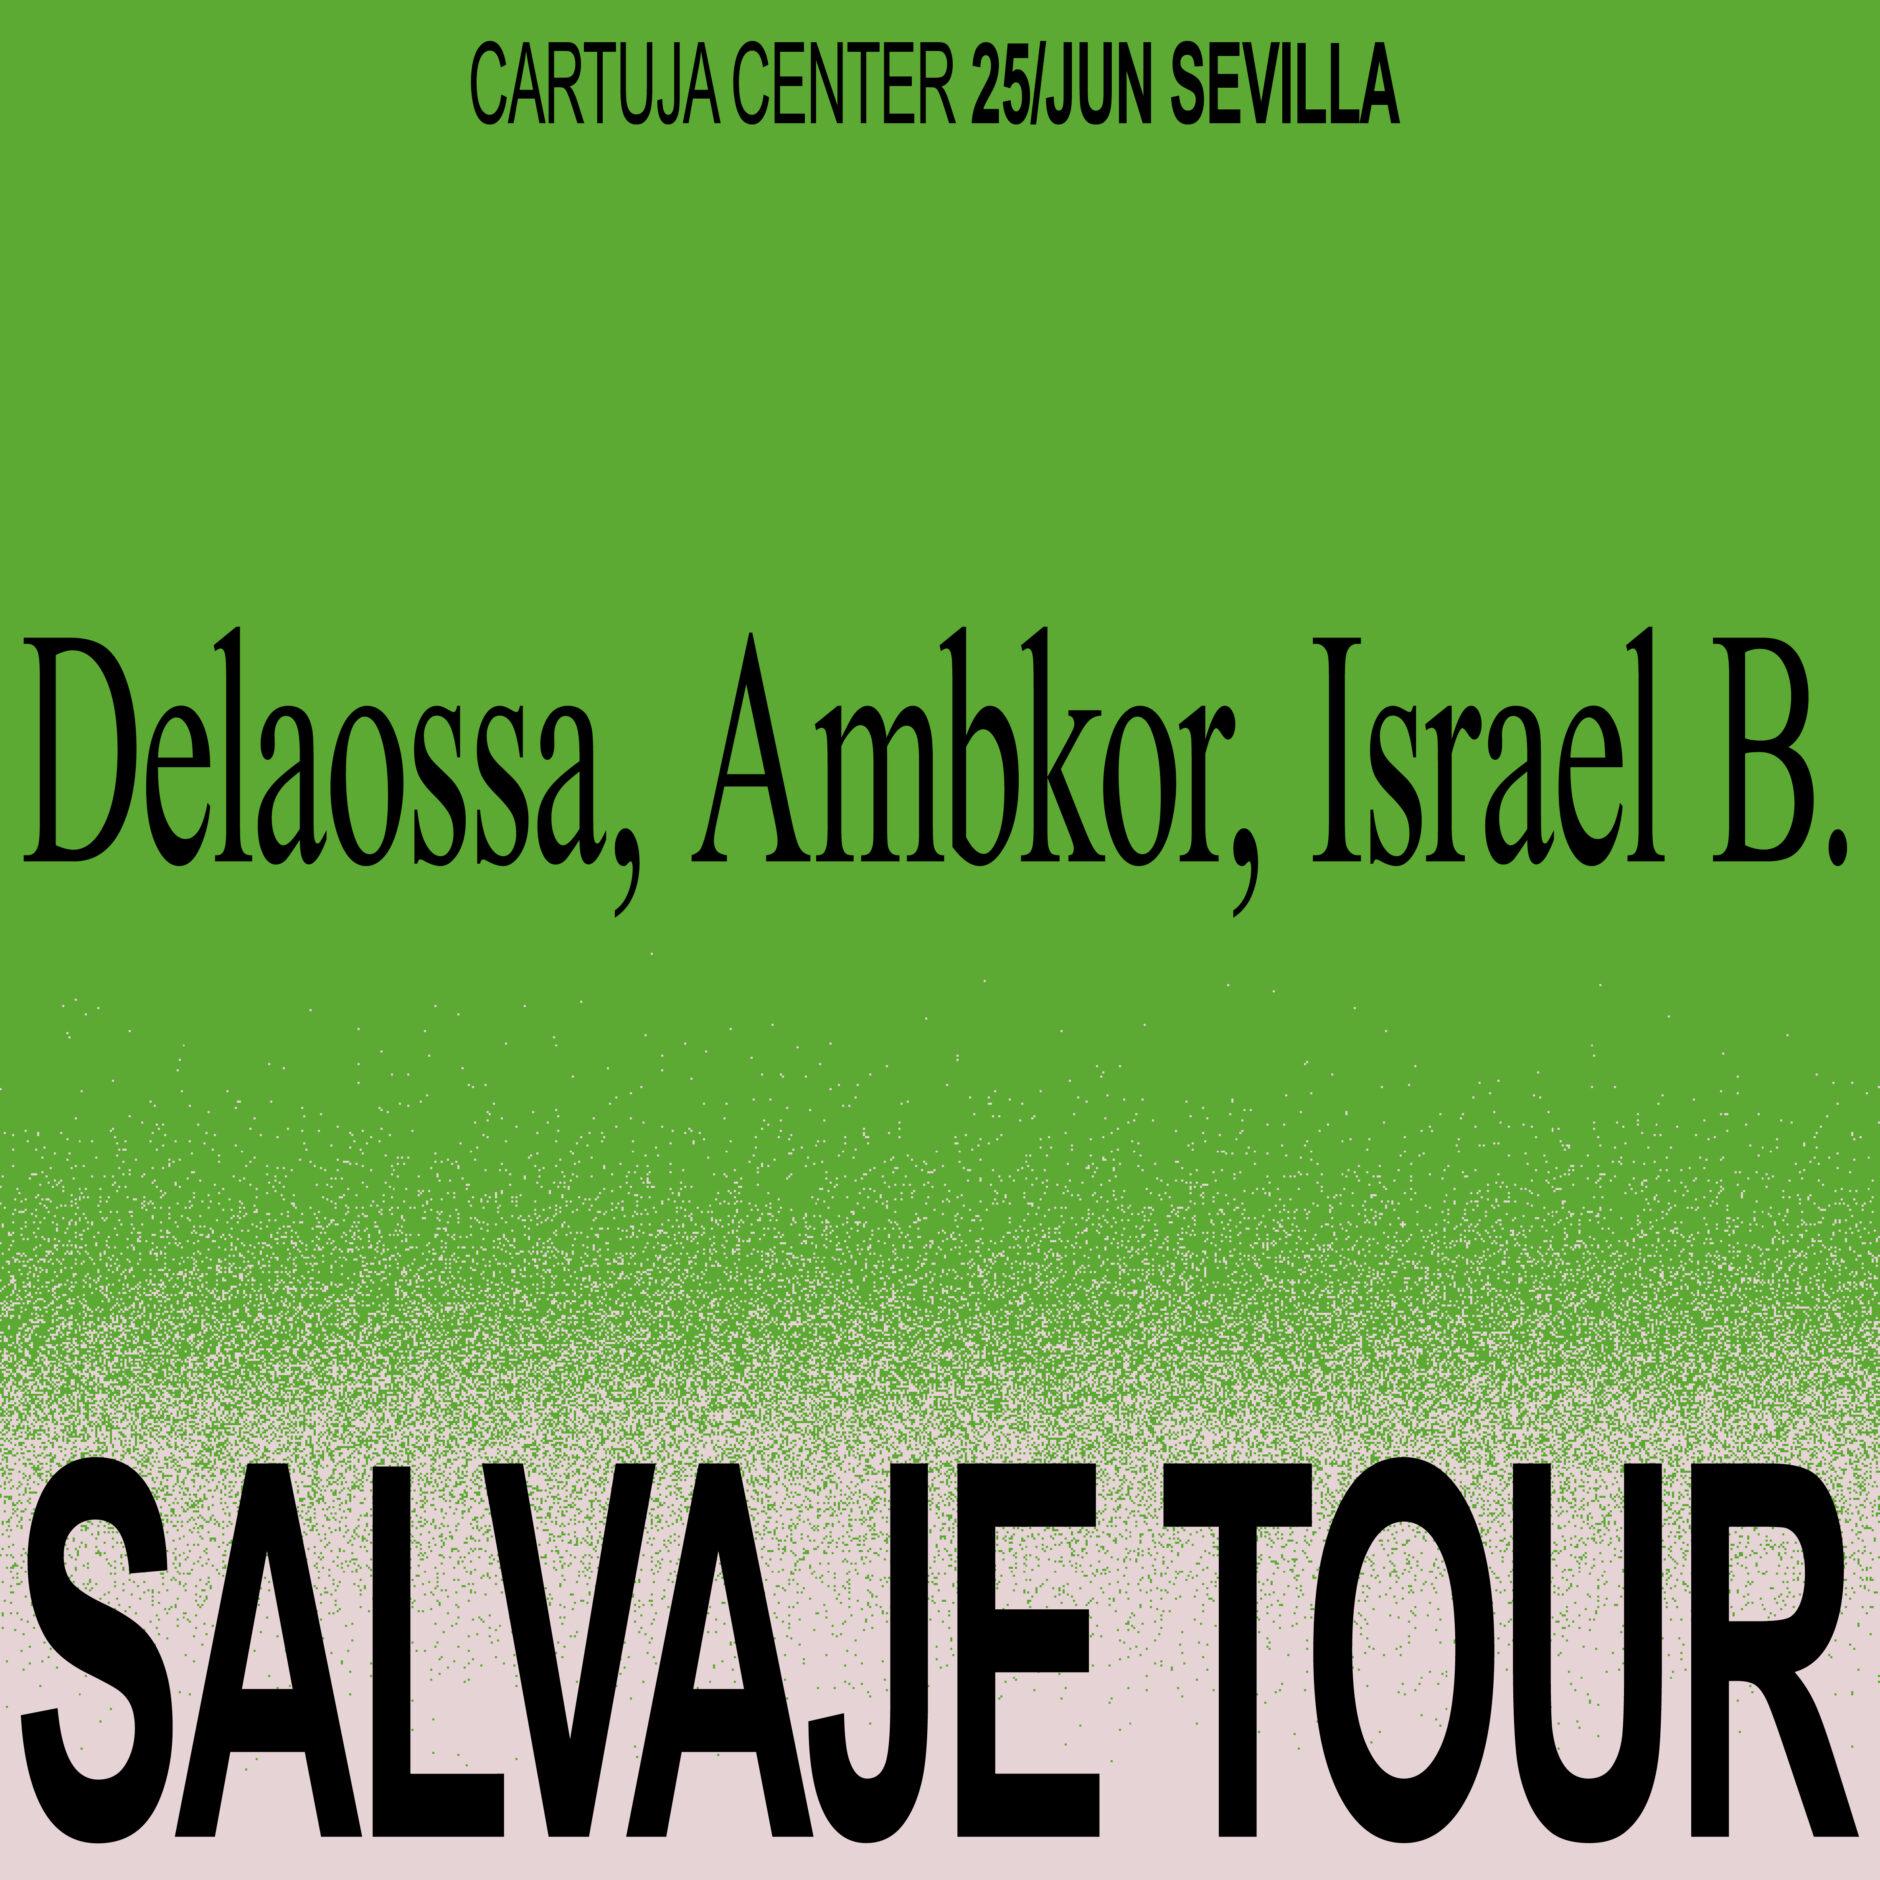 Salvaje Tour llega a Cartuja Center con los mejores artistas urbanos 1